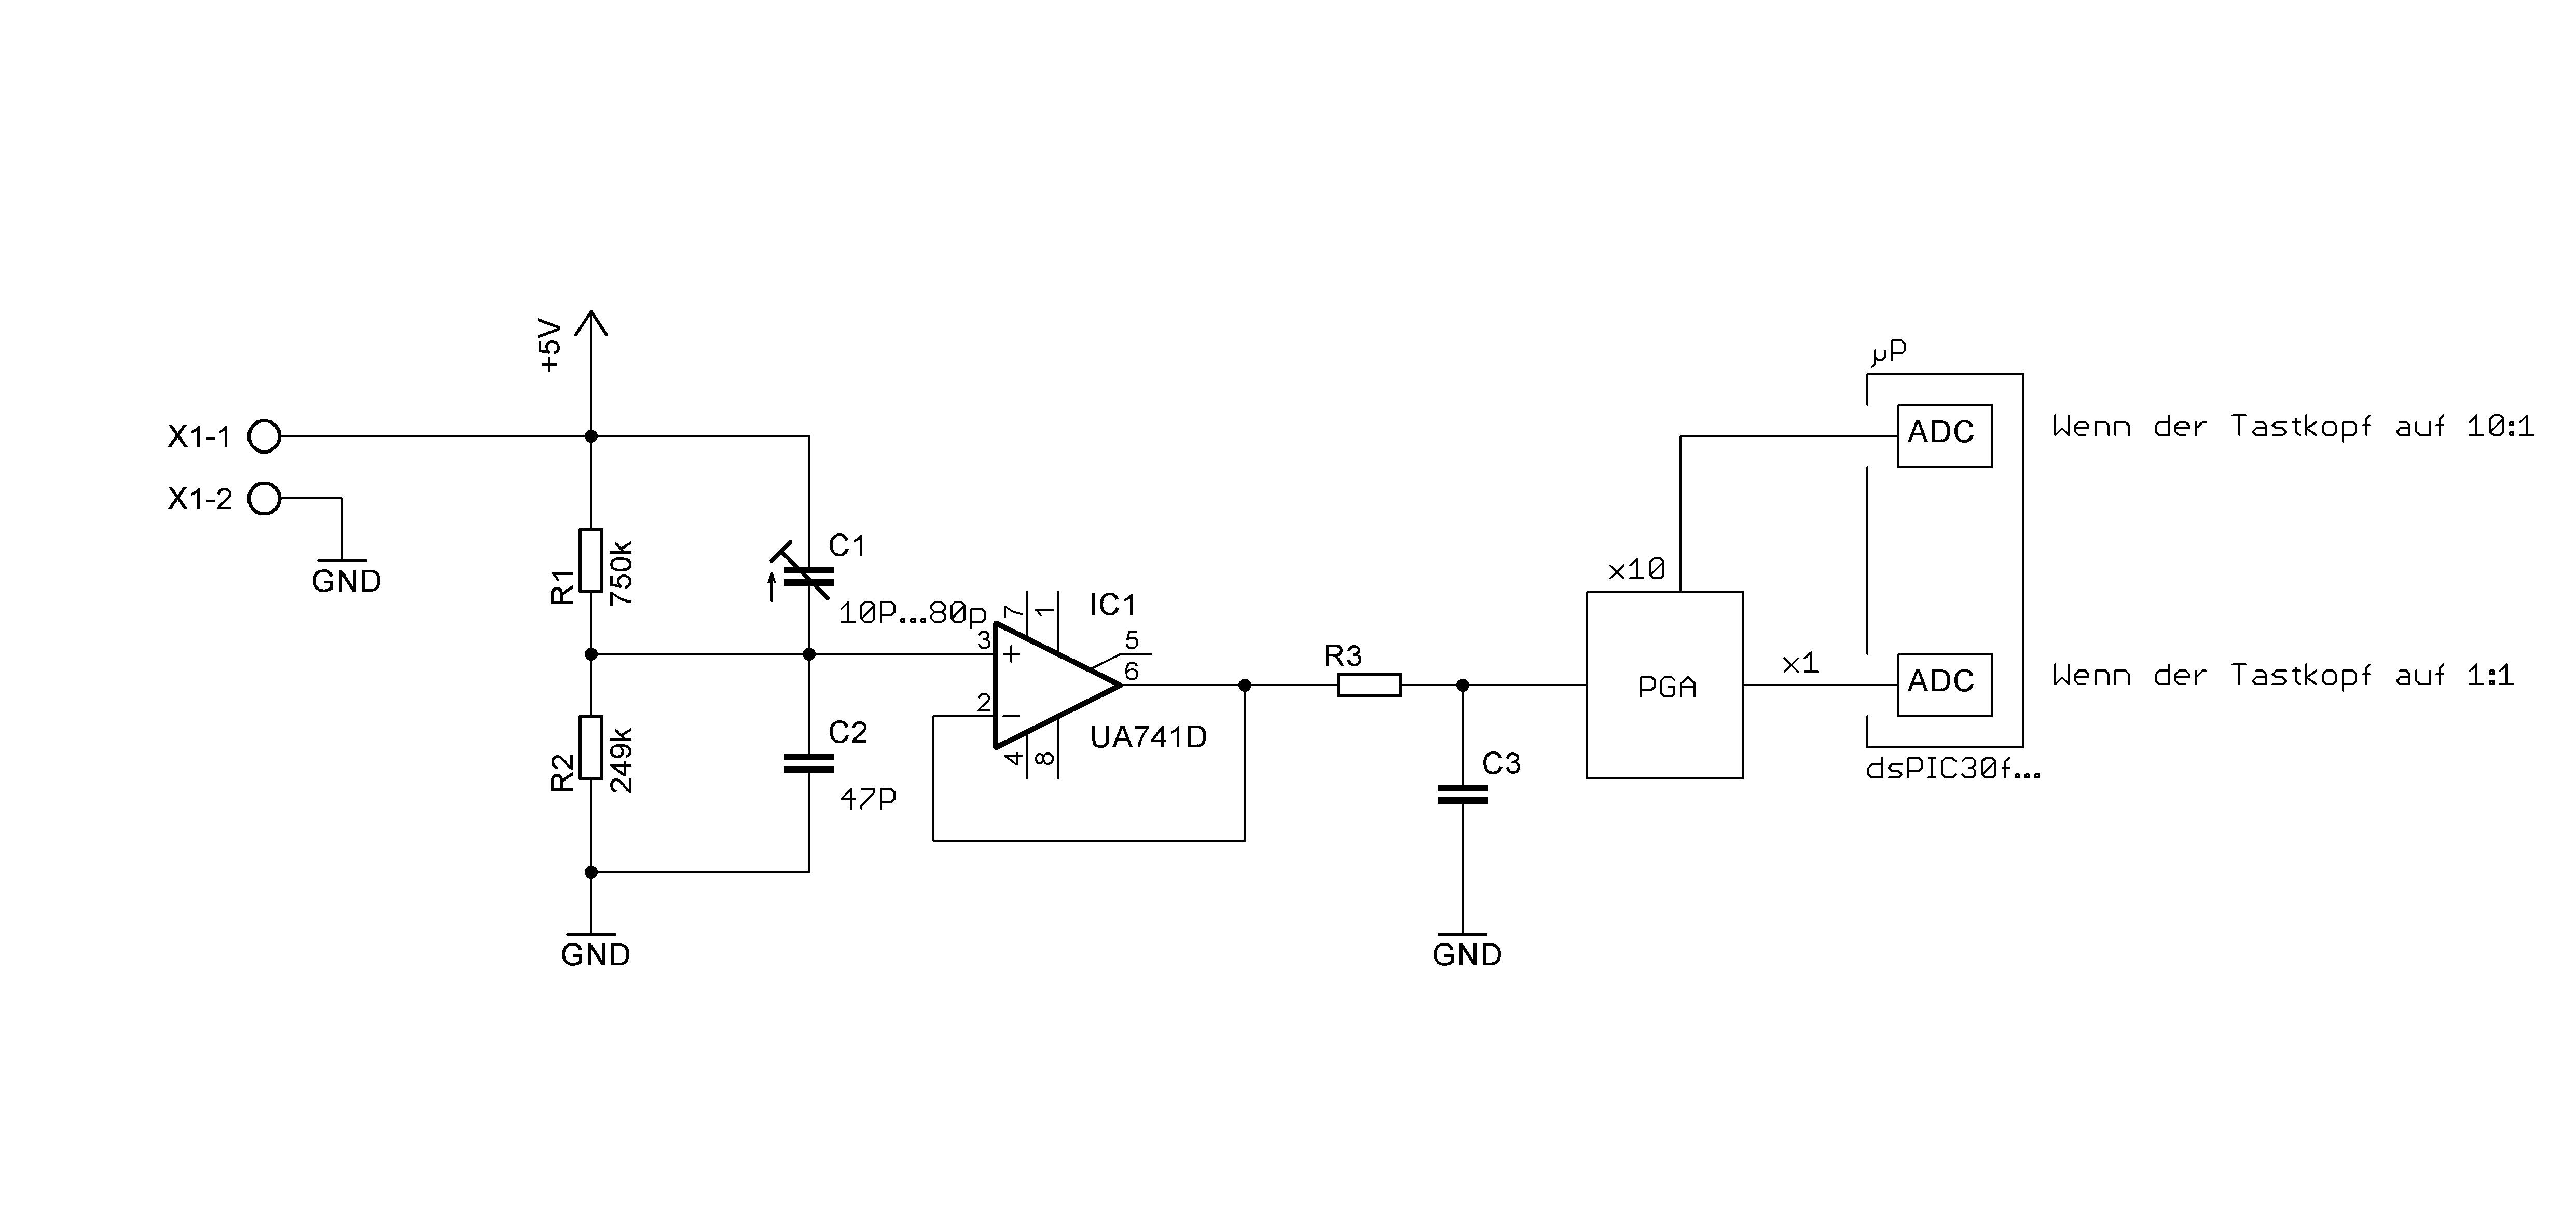 Schön Schaltung Schematische Zeichnung Ideen - Elektrische ...